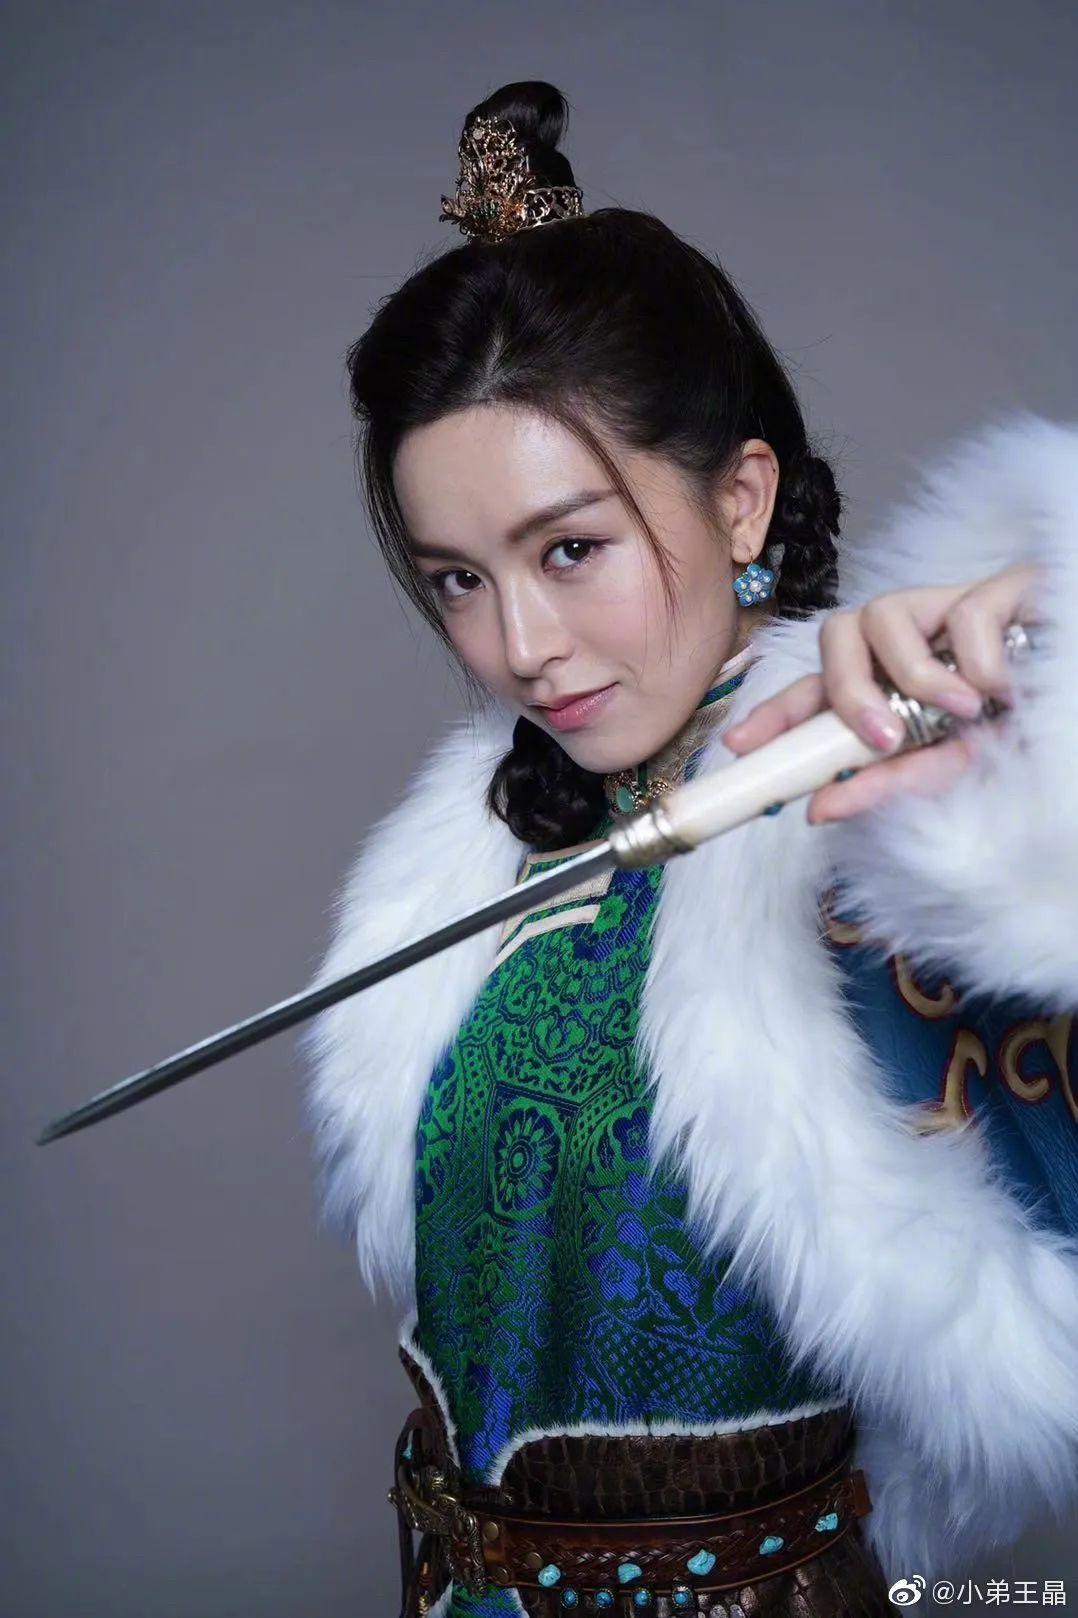 王晶将拍摄新电影版《倚天屠龙记》,公布满员阵容_图片 No.5